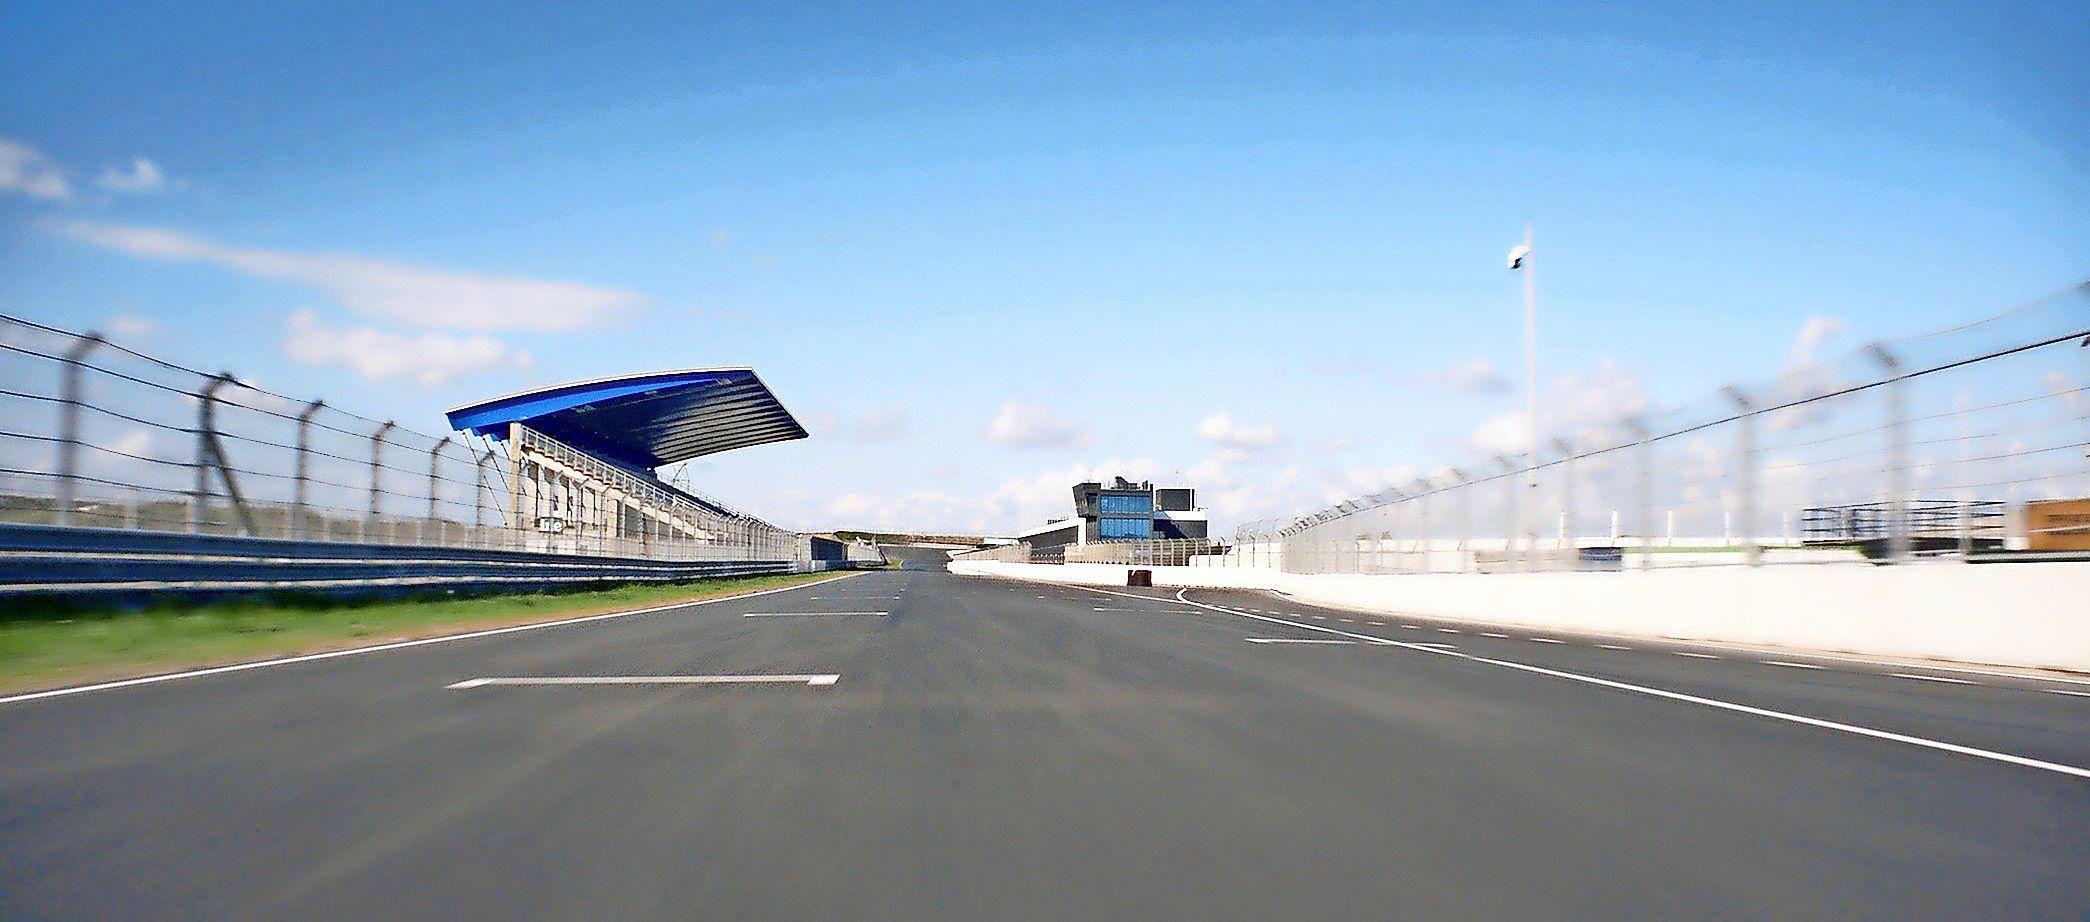 Moet Zandvoort zich zorgen maken over oplopende kosten voor de Formule 1? Daar verschillen de meningen over